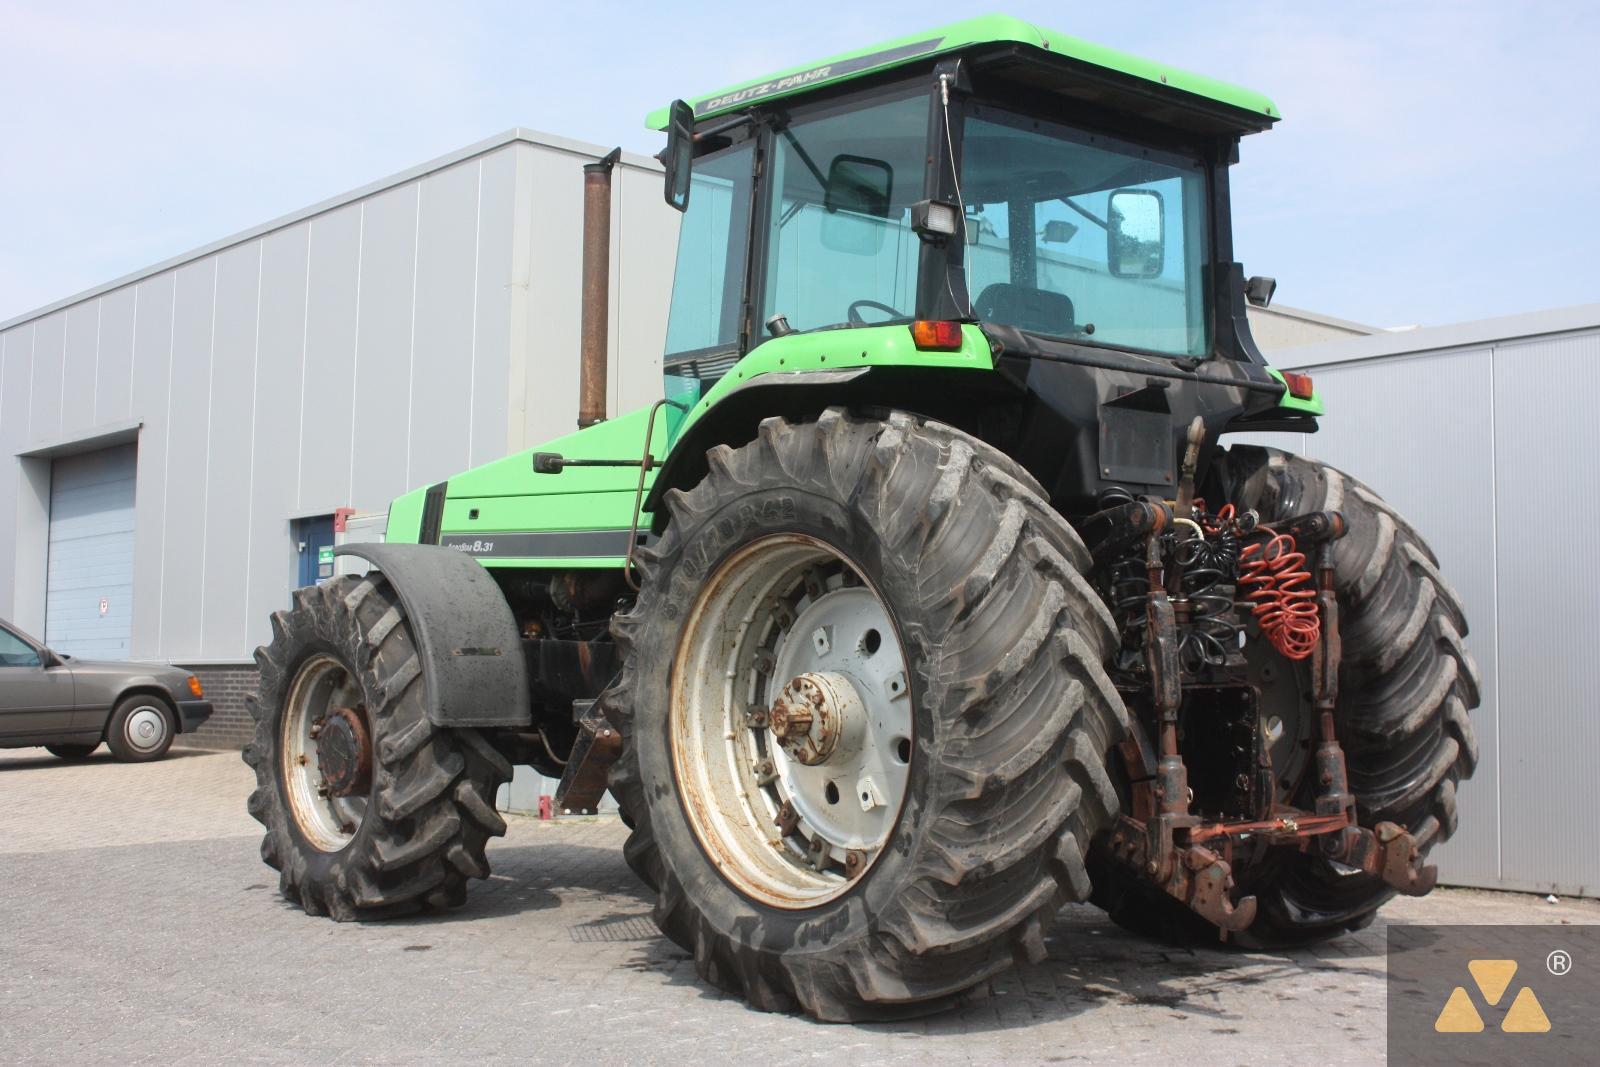 450mm Min Ground Clearance 4x4 Farm Tractor Agri Farm